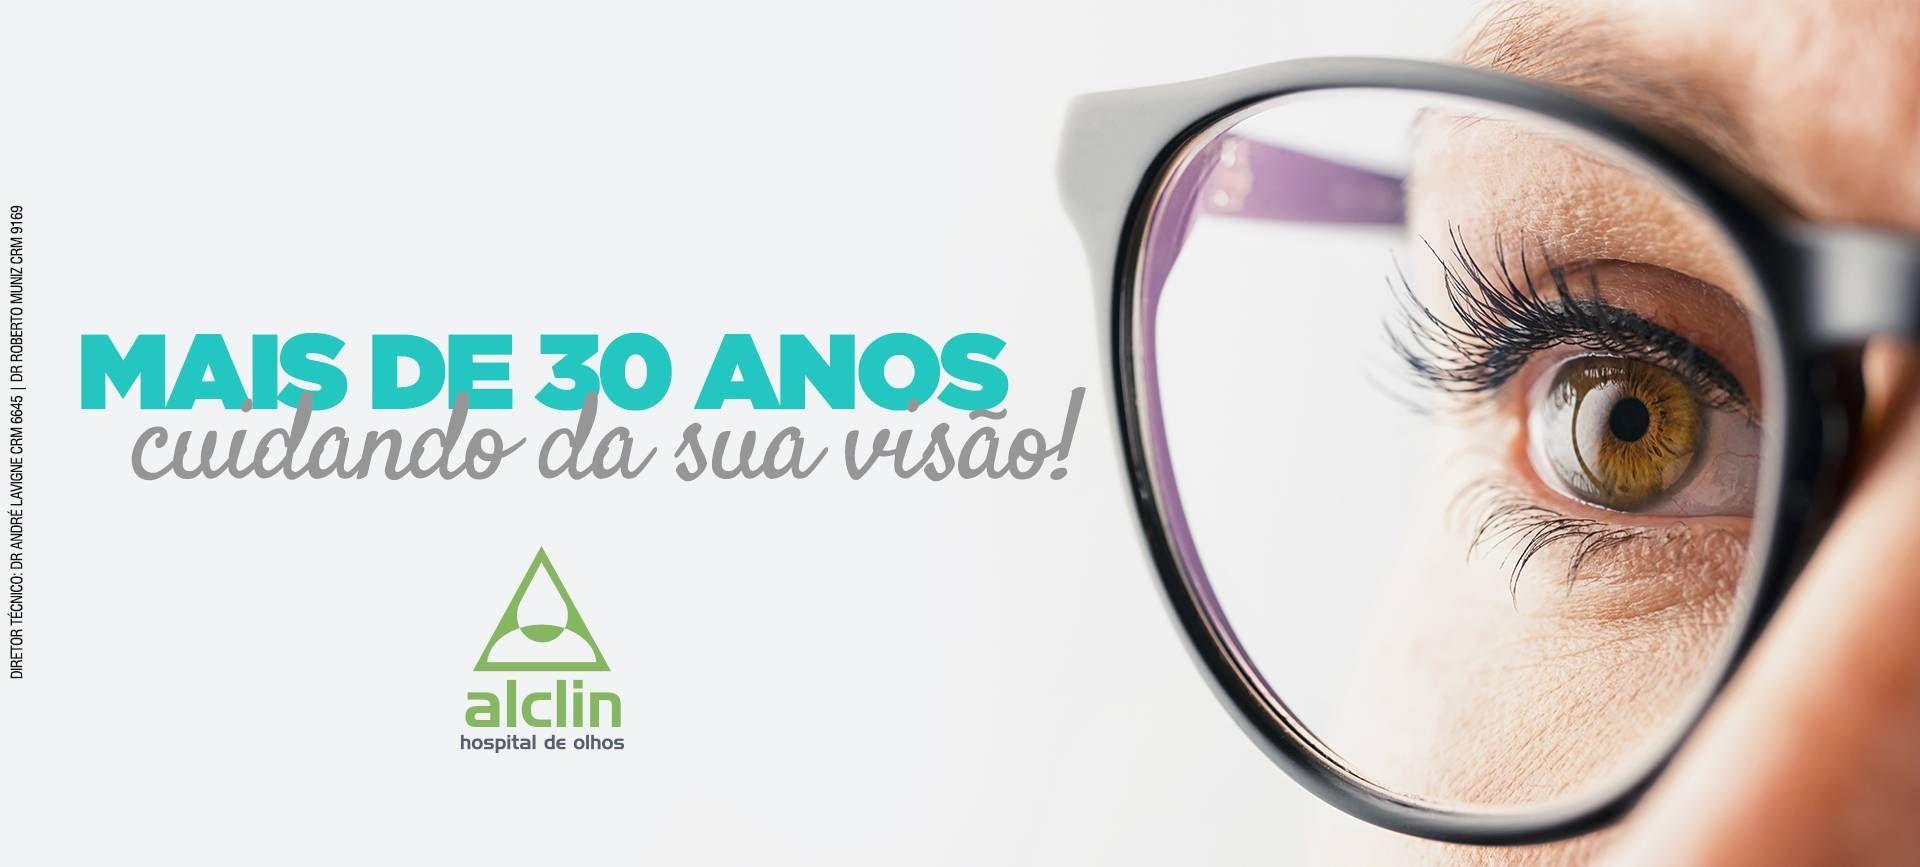 Mais 30 anos da Alclin